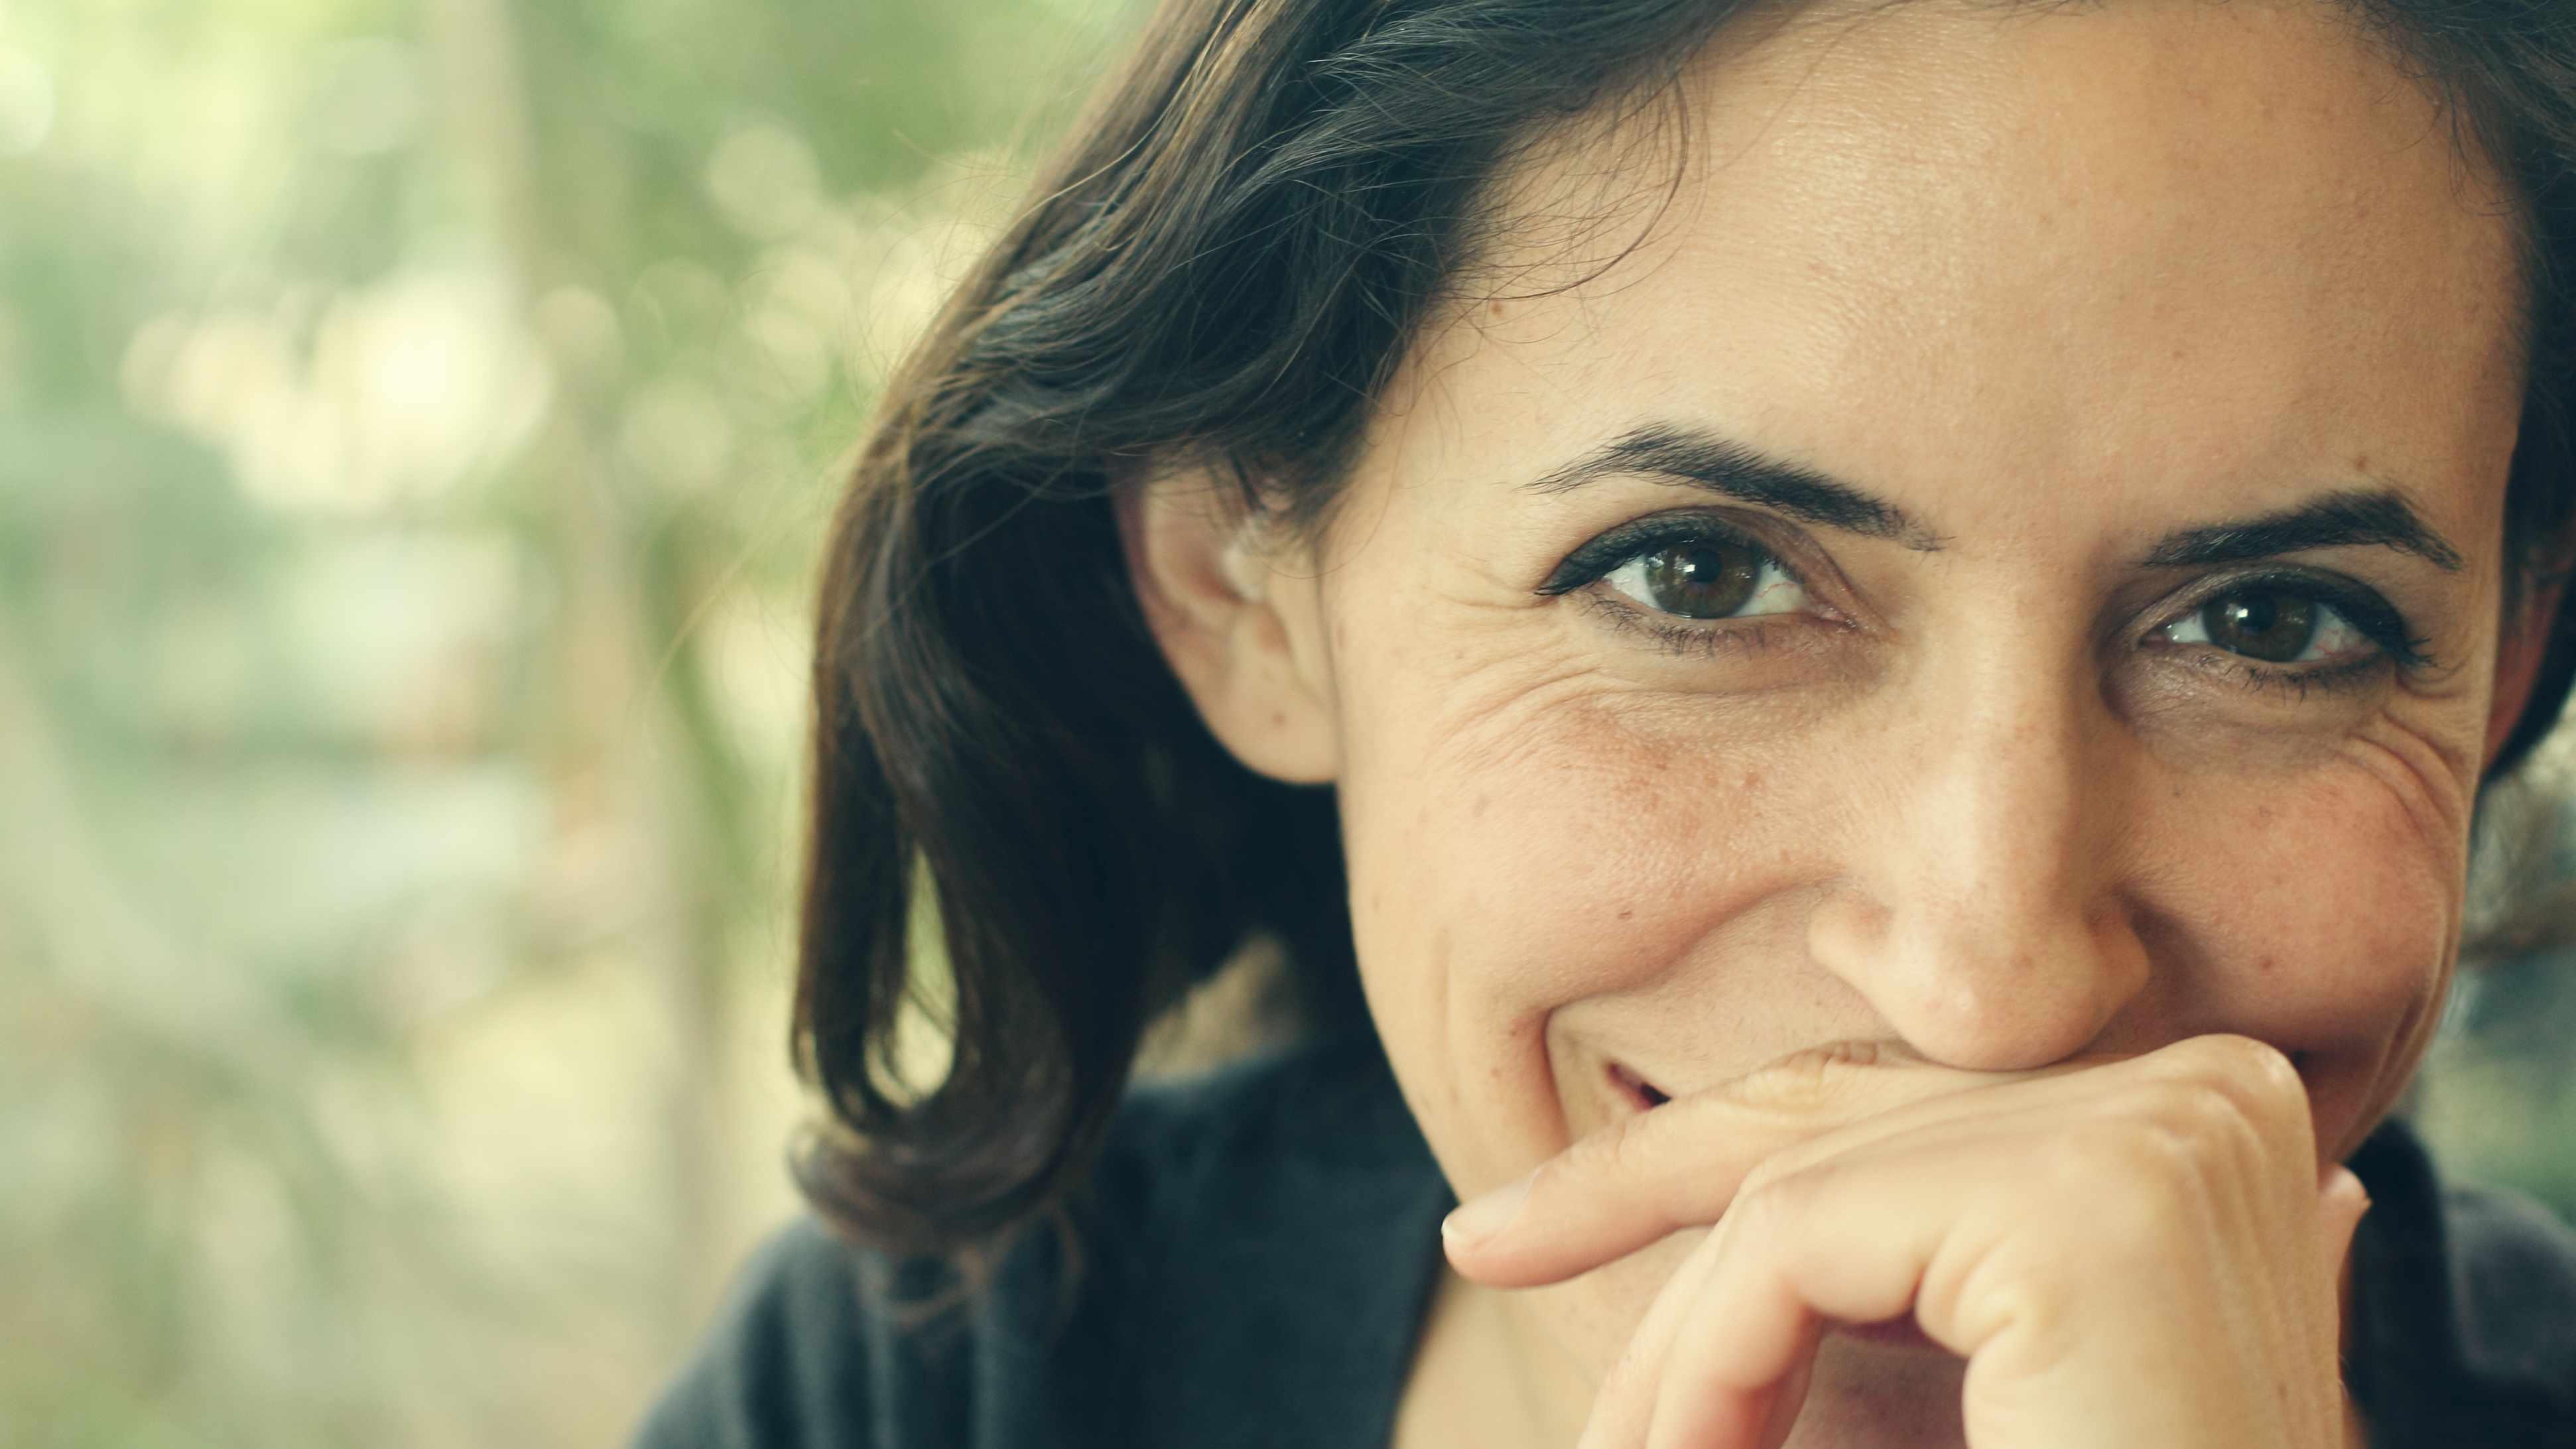 Acercamiento de una mujer de mediana edad que sonríe afuera